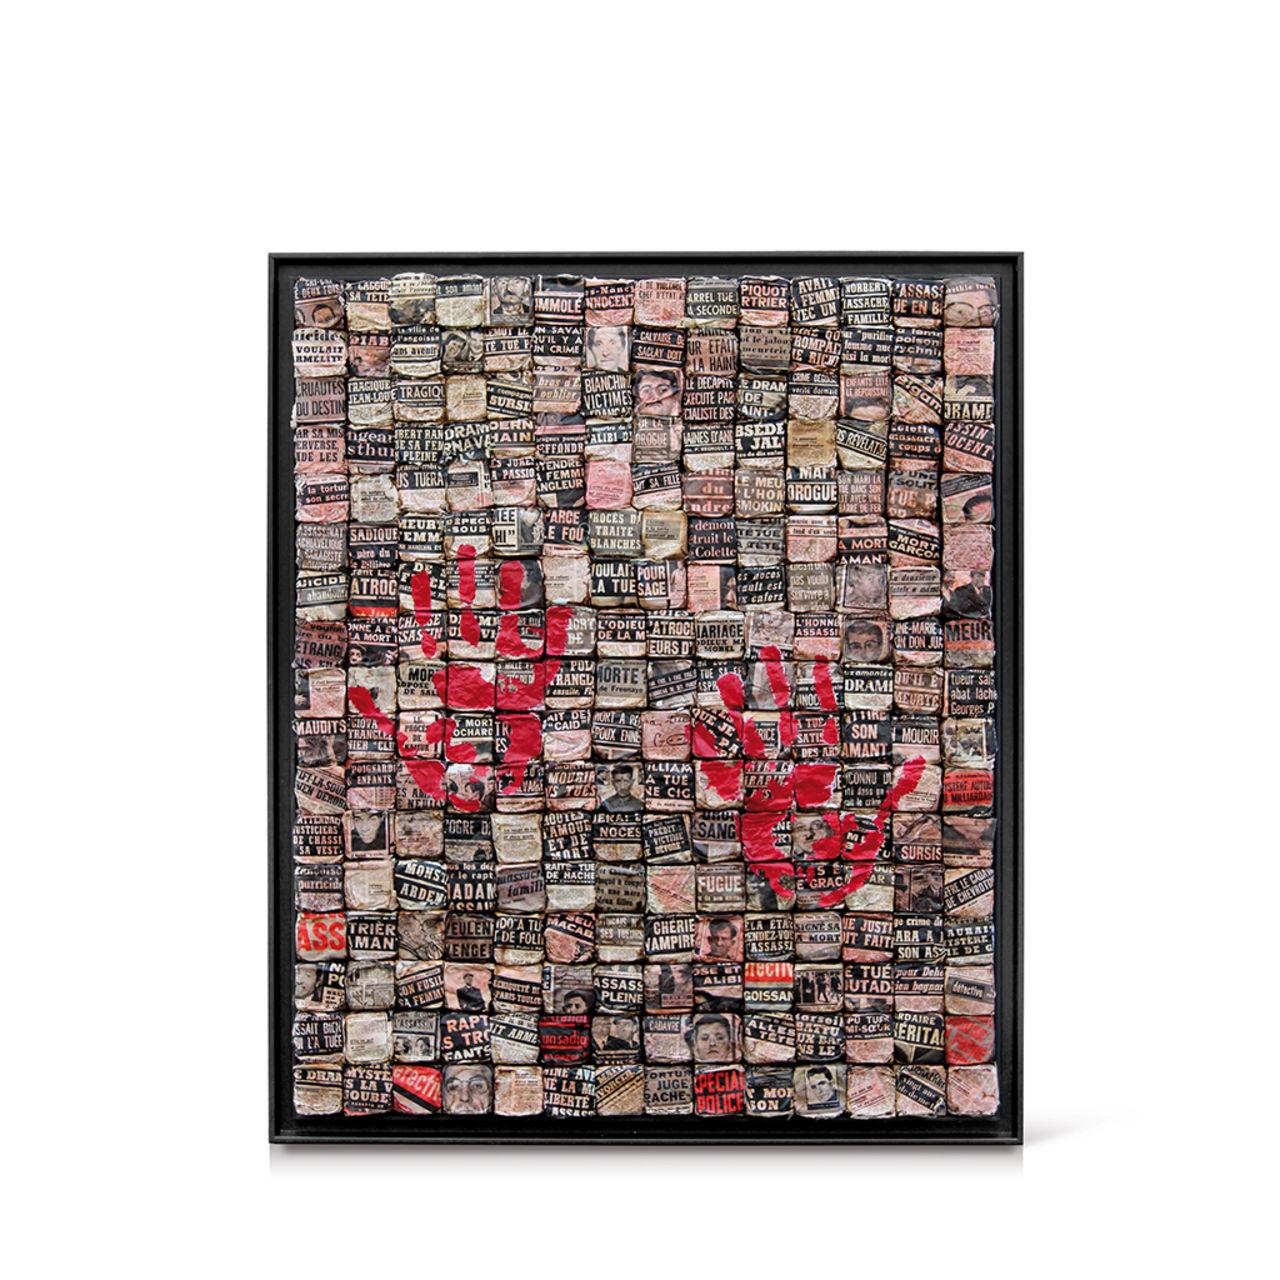 jean-michel buche 97 - Le mystère du cadavre aux mains inversées. 110X130cm